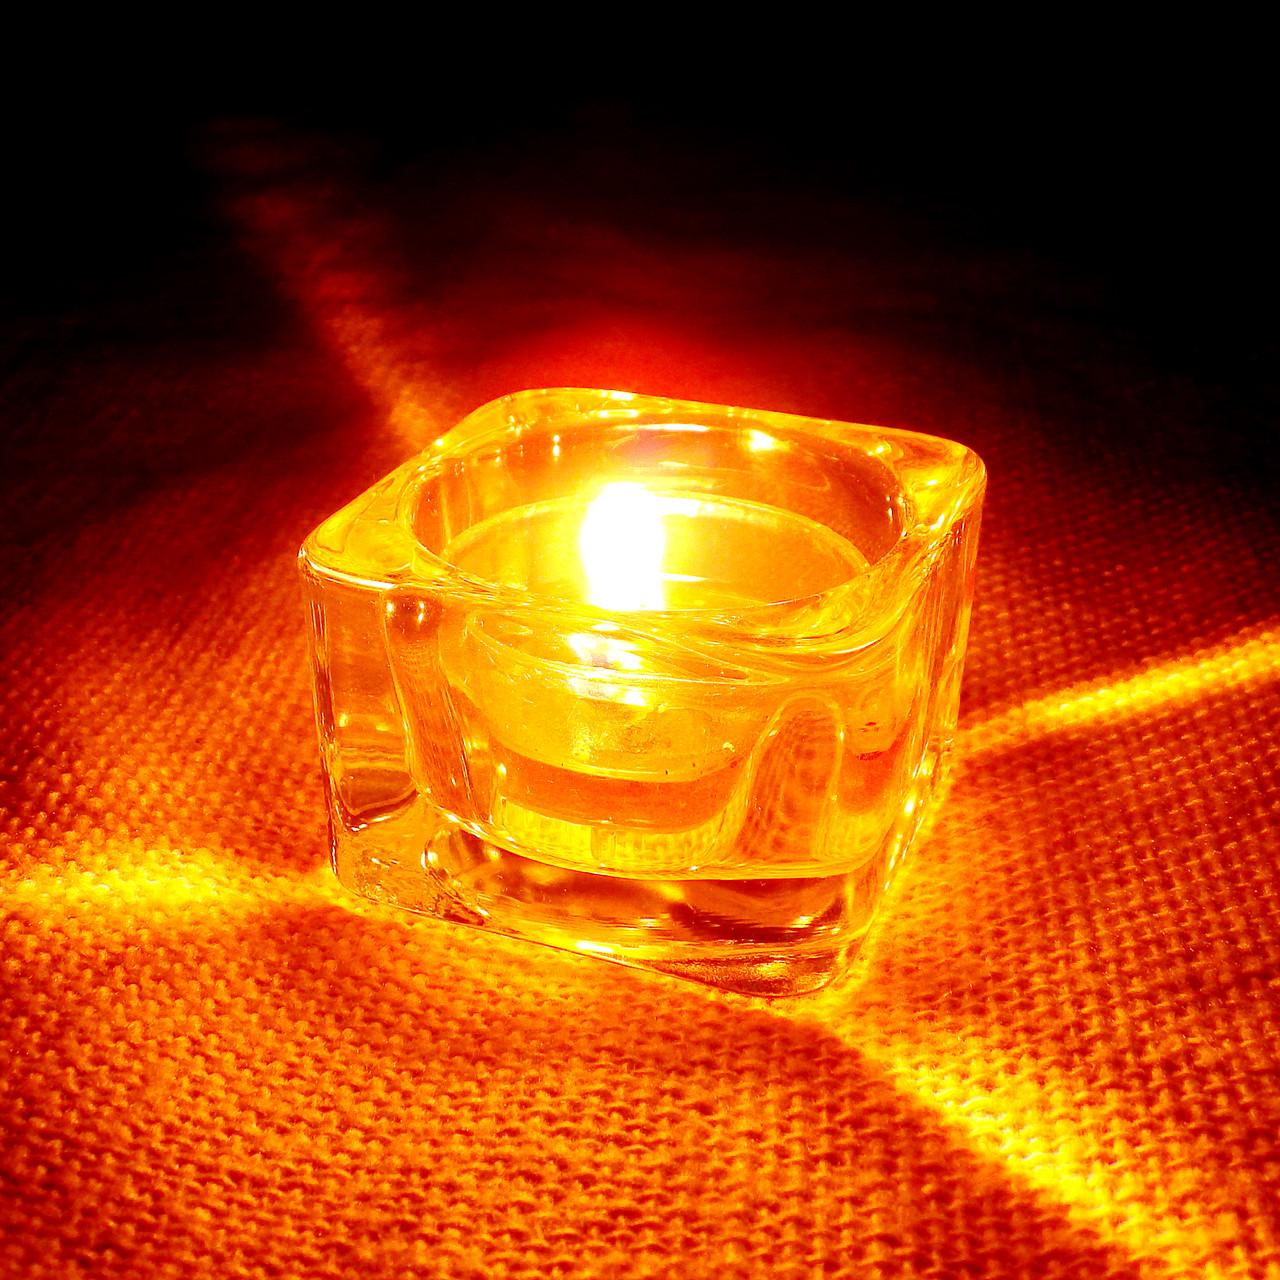 Стильный настольный квадратный стеклянный подсвечник для чайных свечей